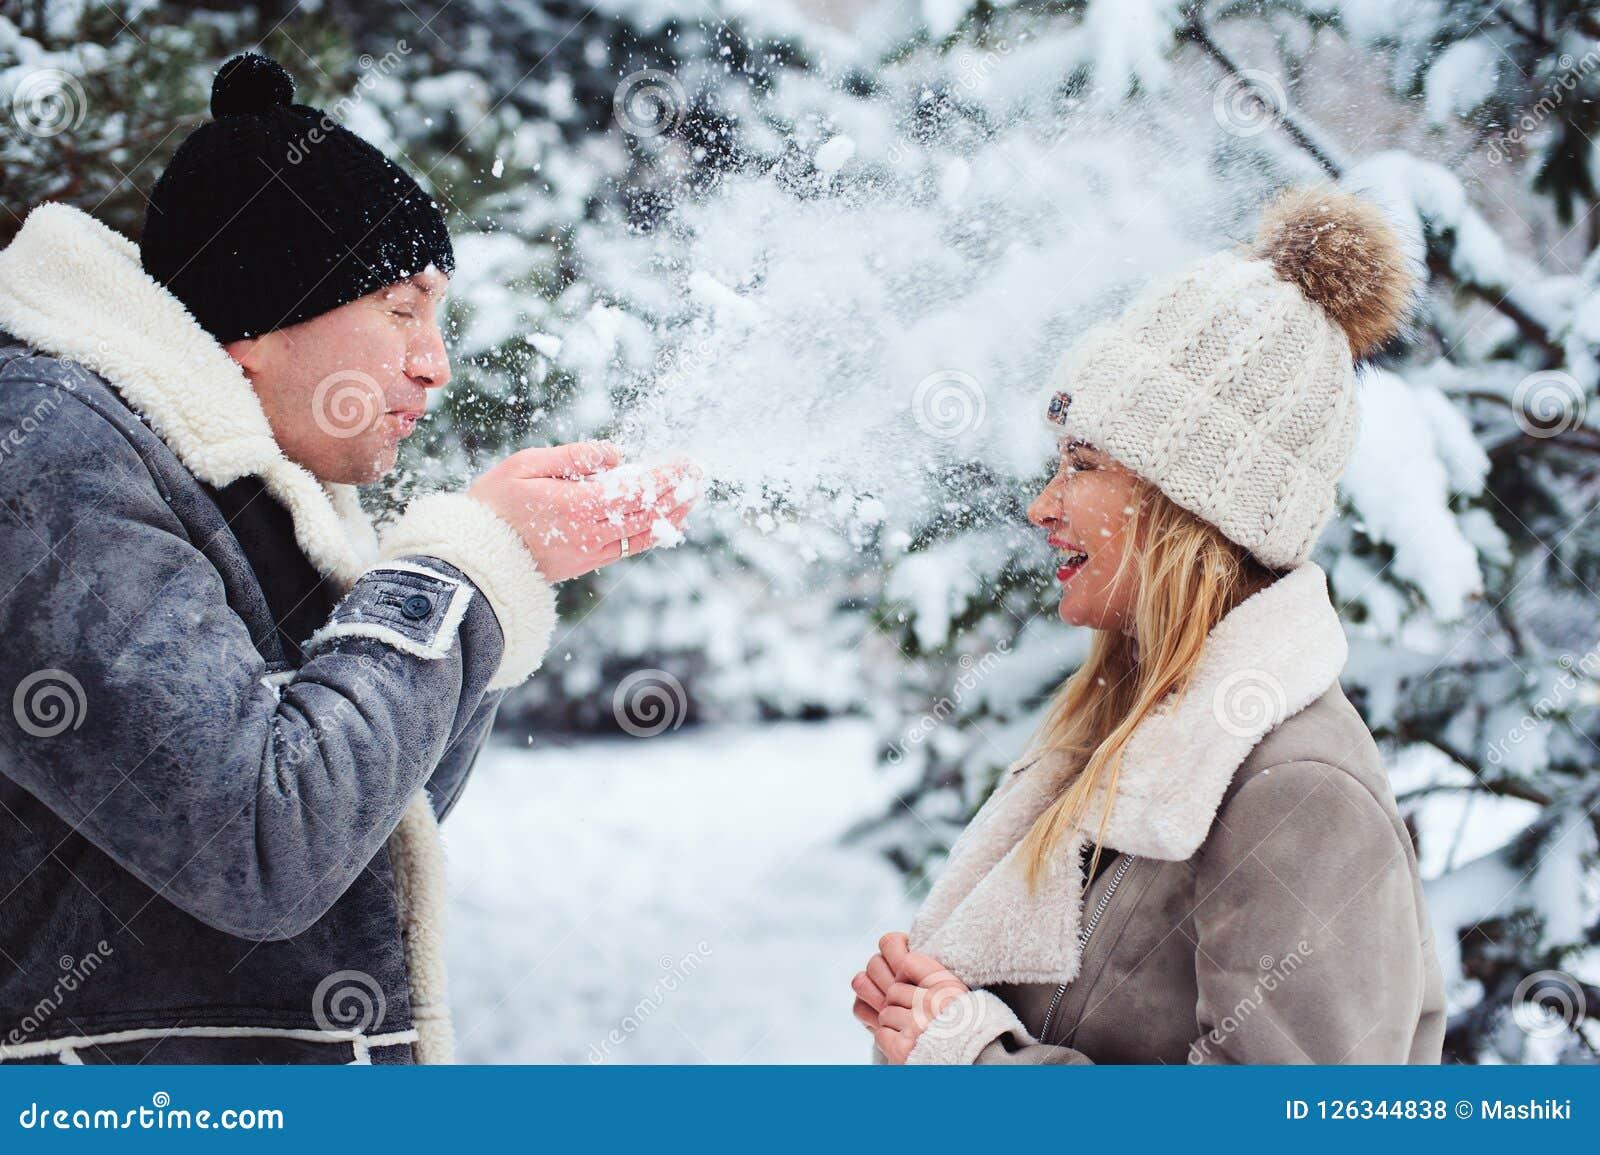 Retrato do inverno dos pares felizes neve que jogam, do sopro e passando o bom dia exterior na floresta nevado